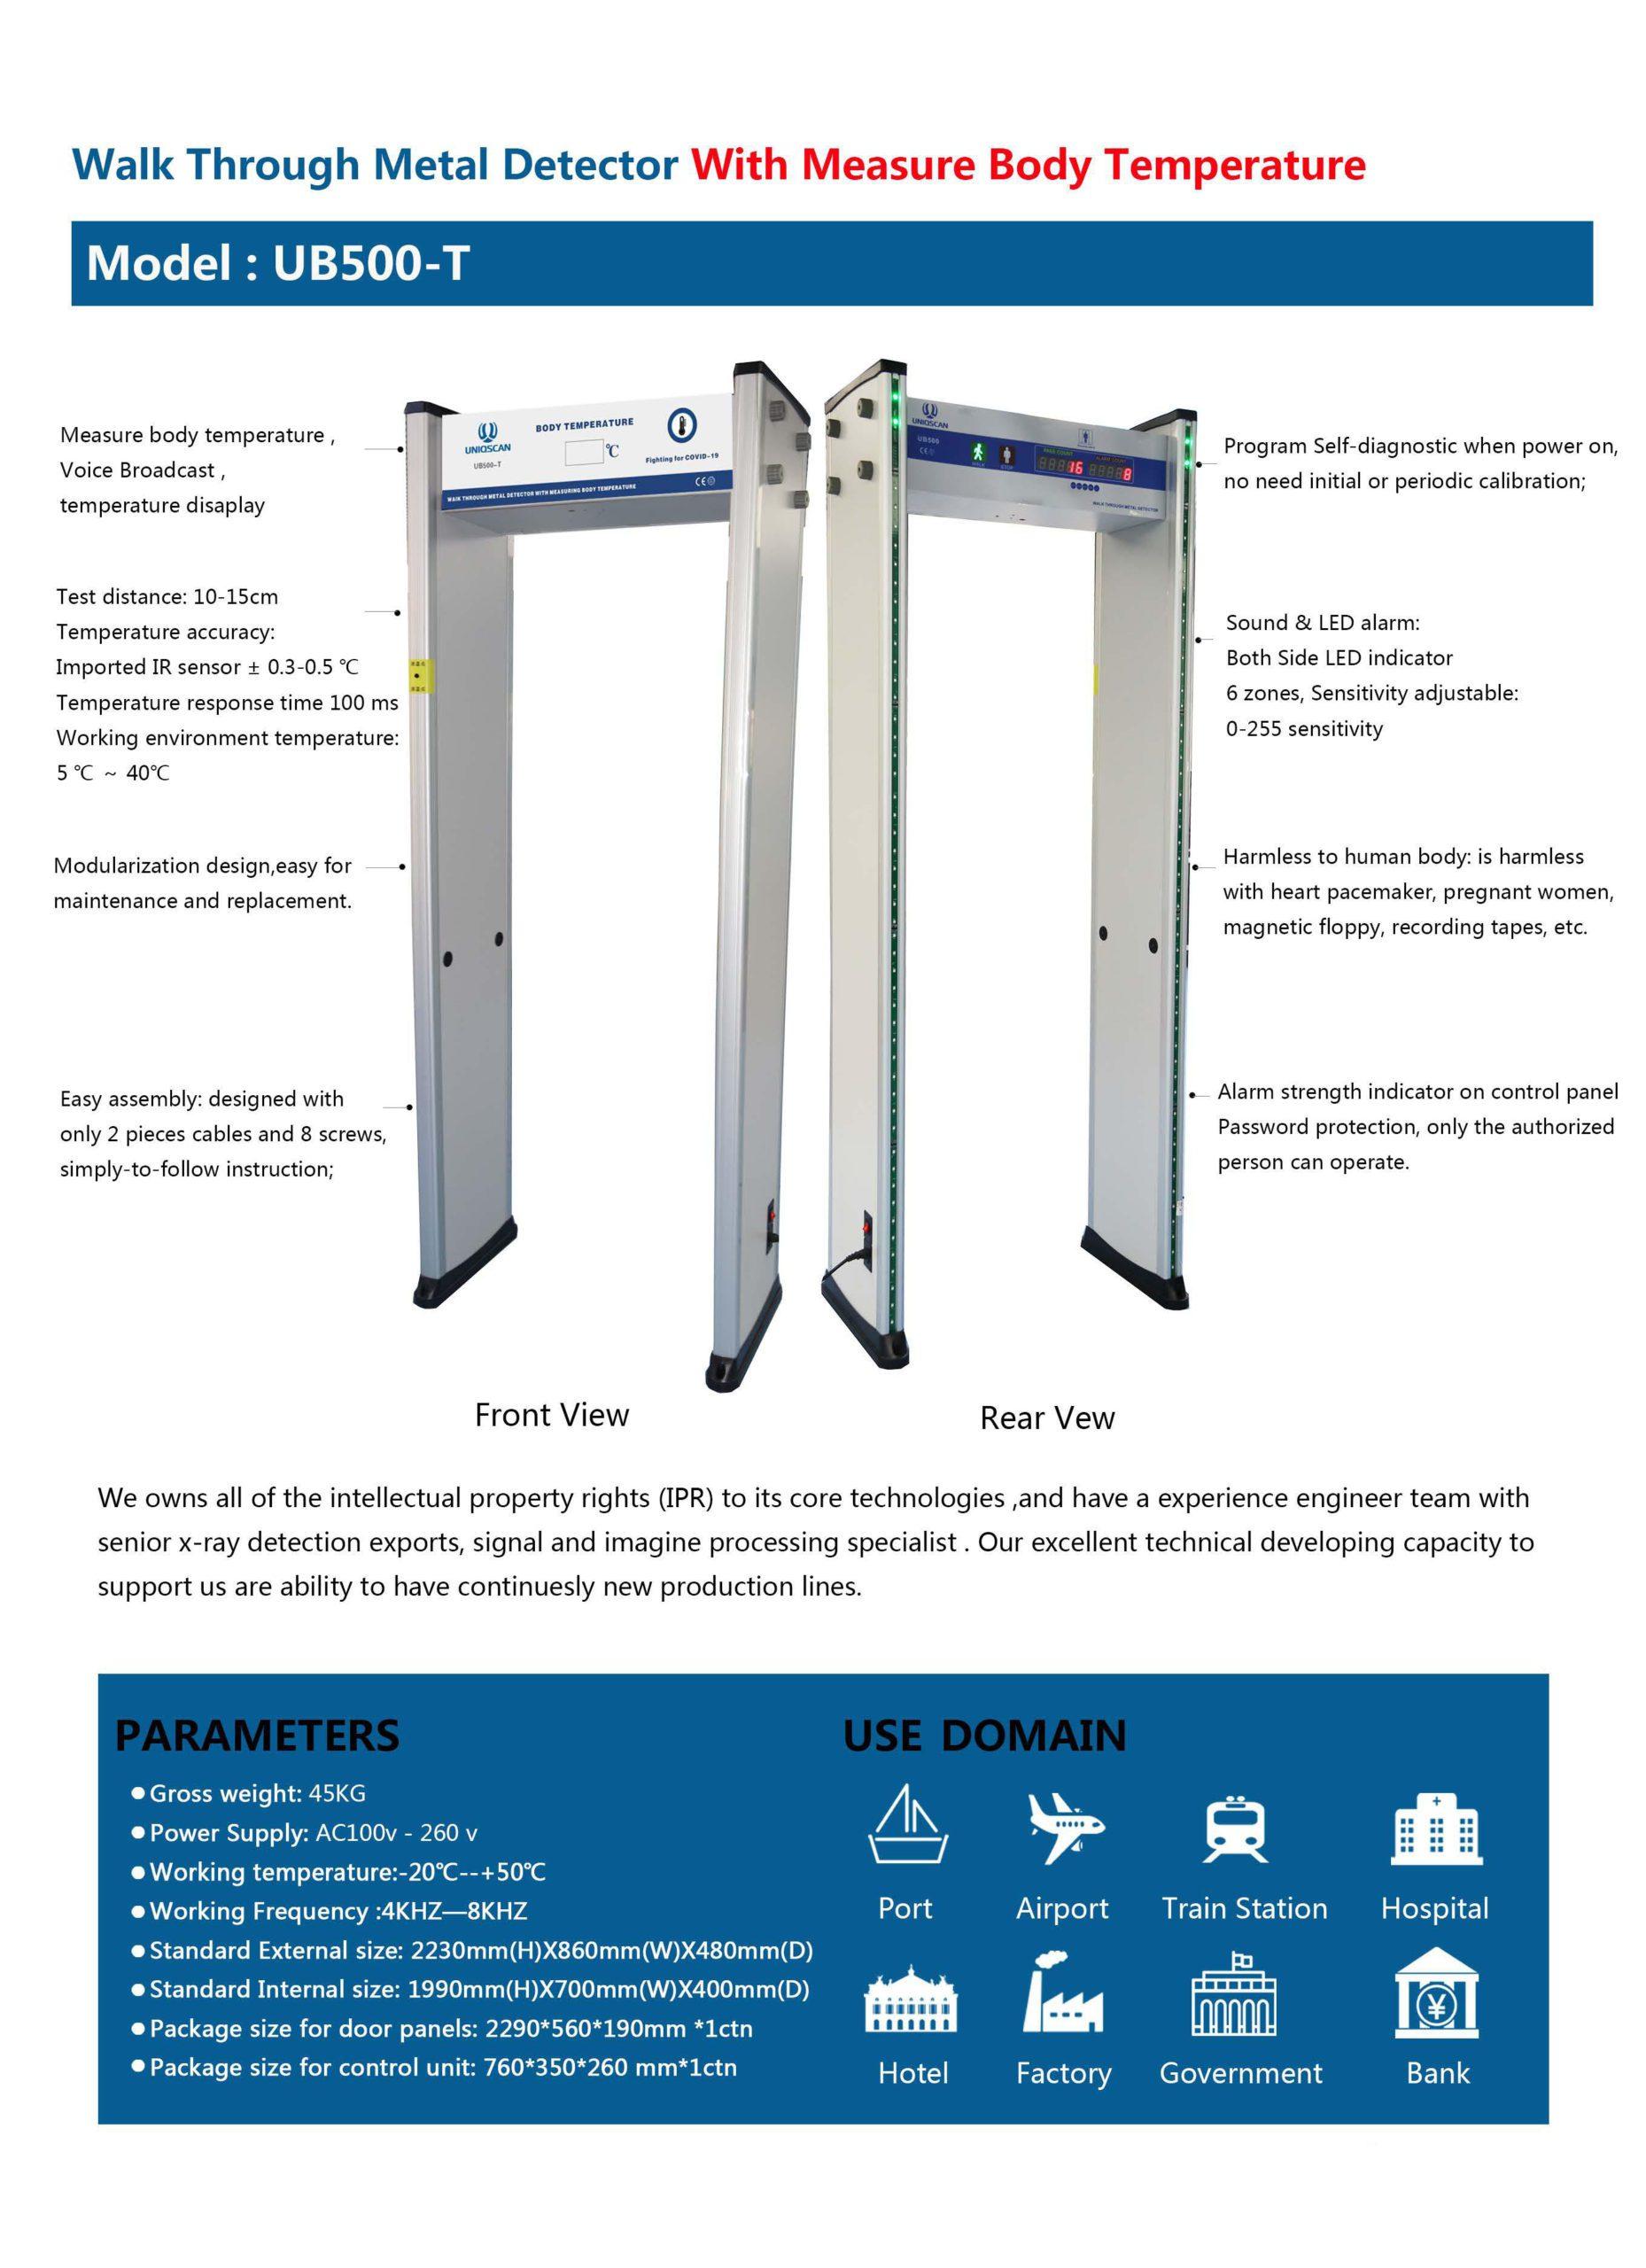 ประตูวัดอุณหภูมิ,ประตูตรวจจับวัตถุ,ประตูตรวจอาวุธ,ประตู COVID-19 Walk-through body temperature scanner